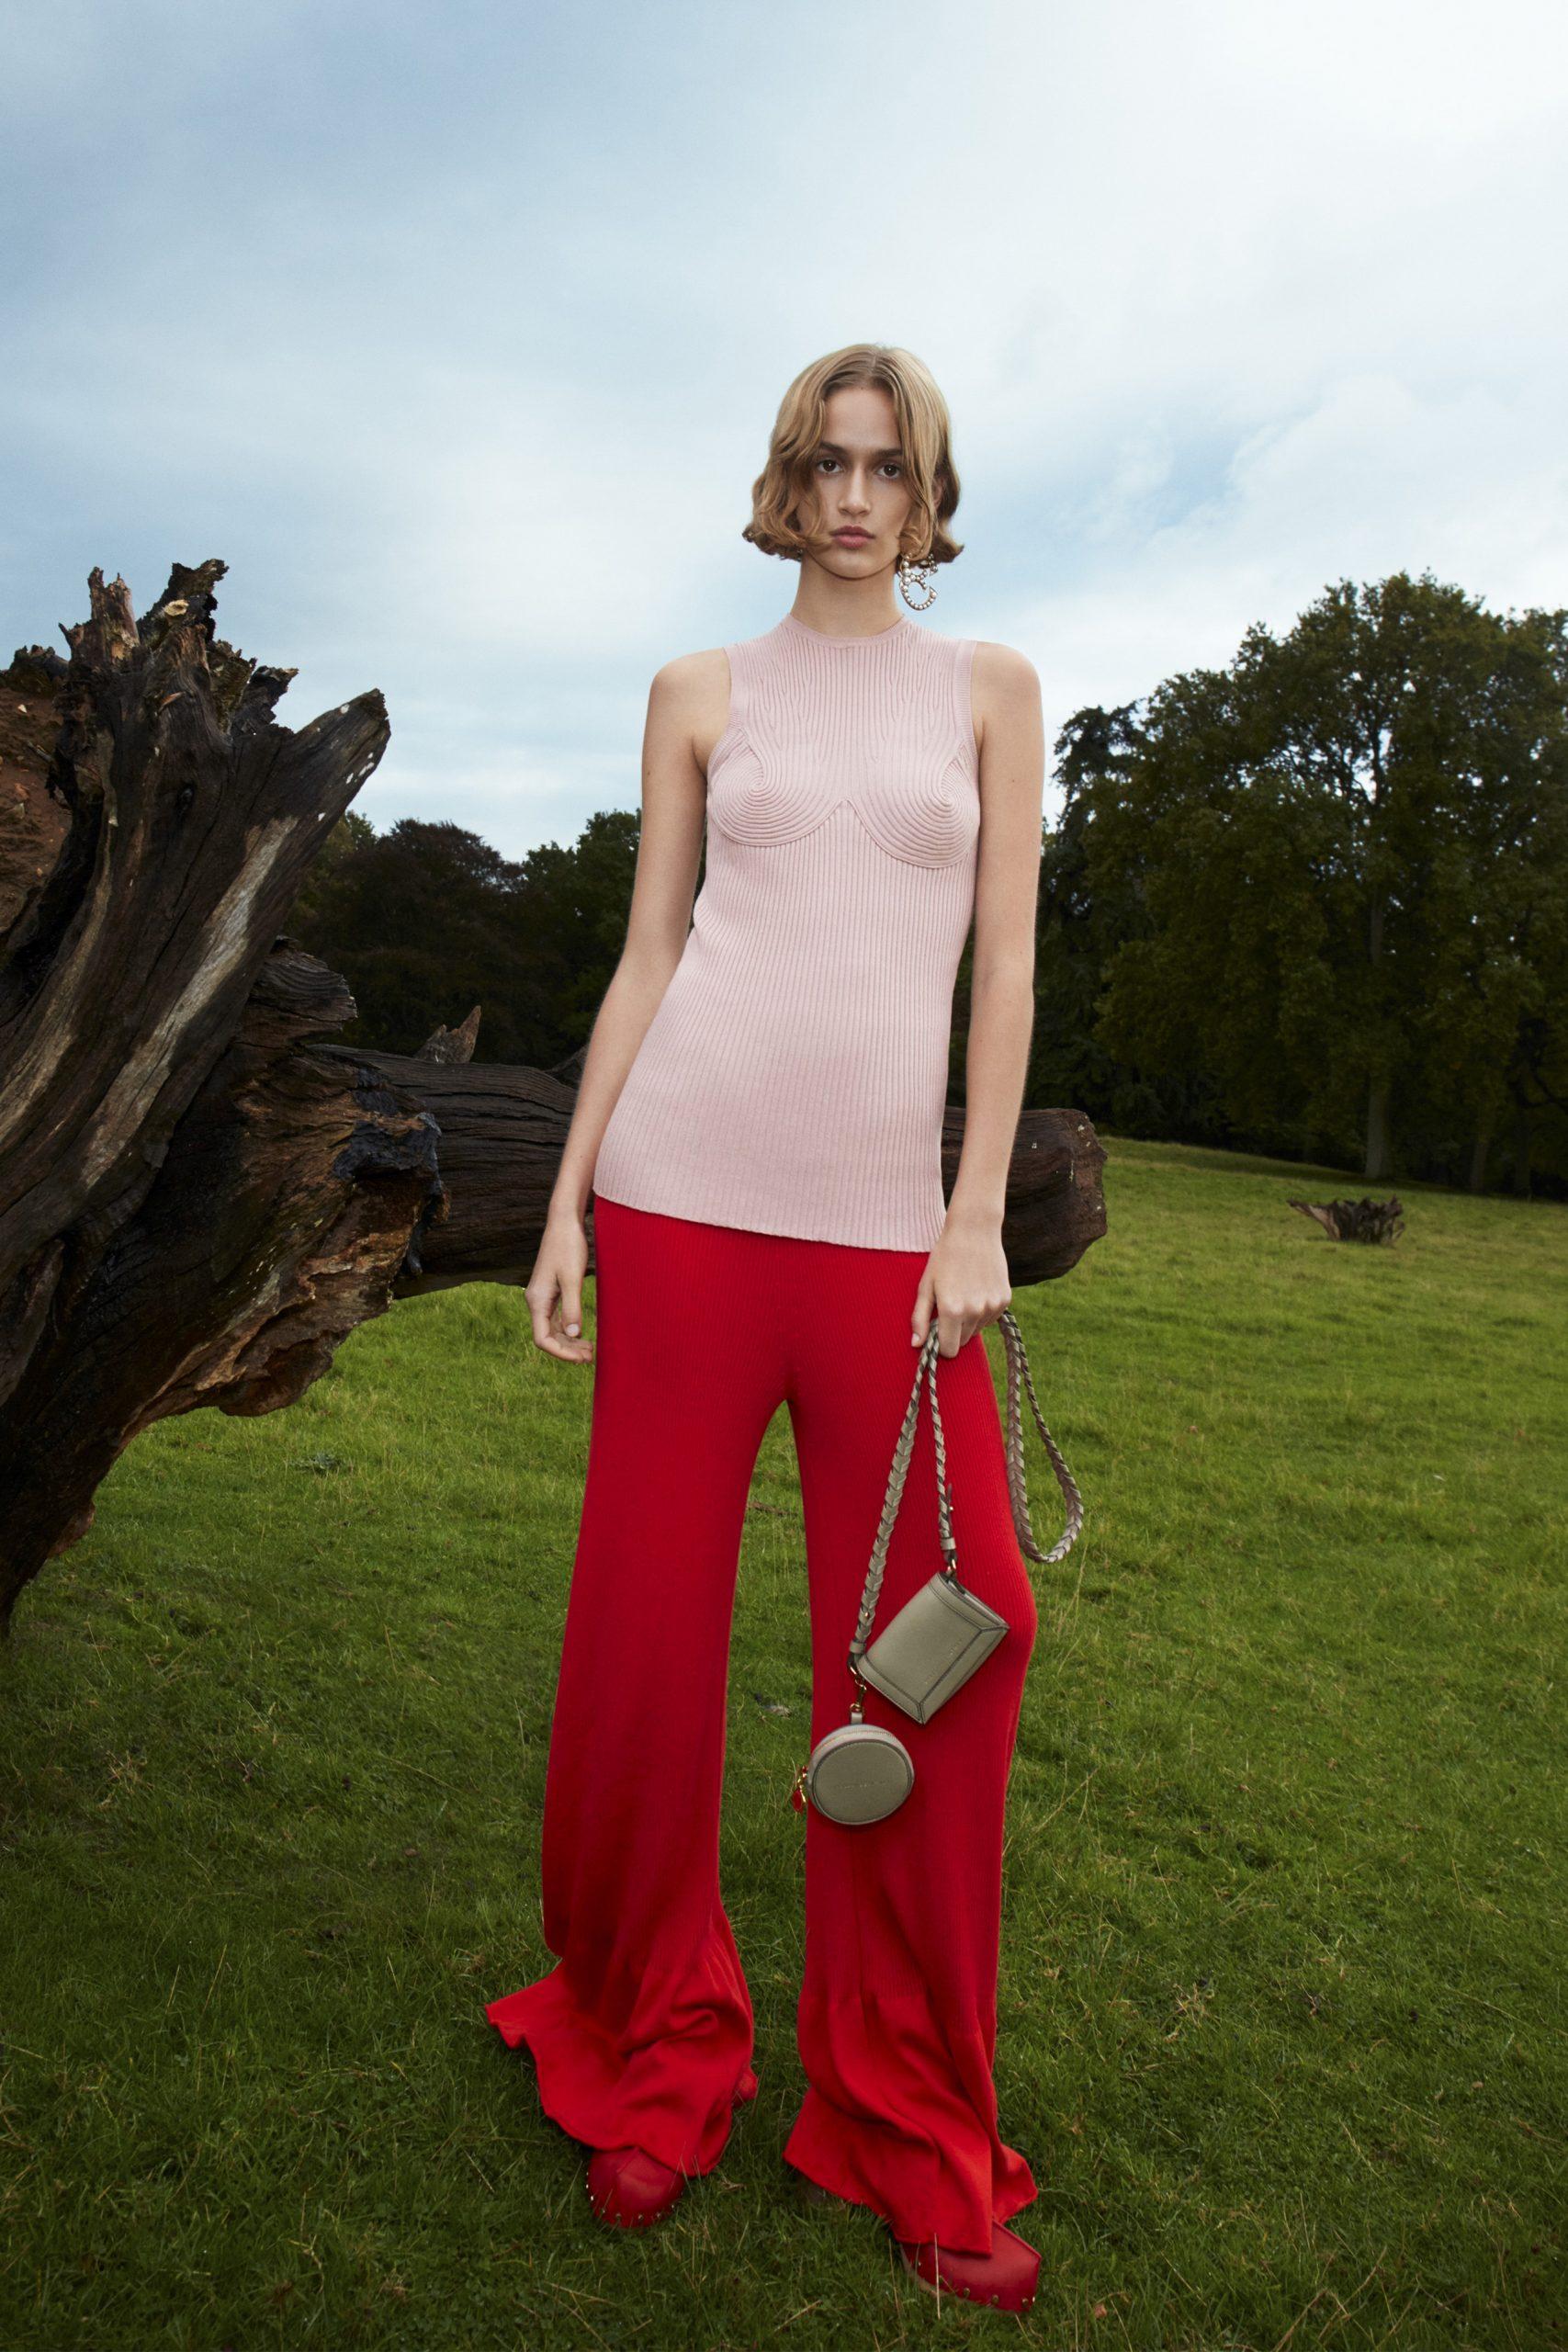 11. kép: Párizsi divathét - 2021-es tavaszi-nyári ready to wear kollekció - Stella McCartney